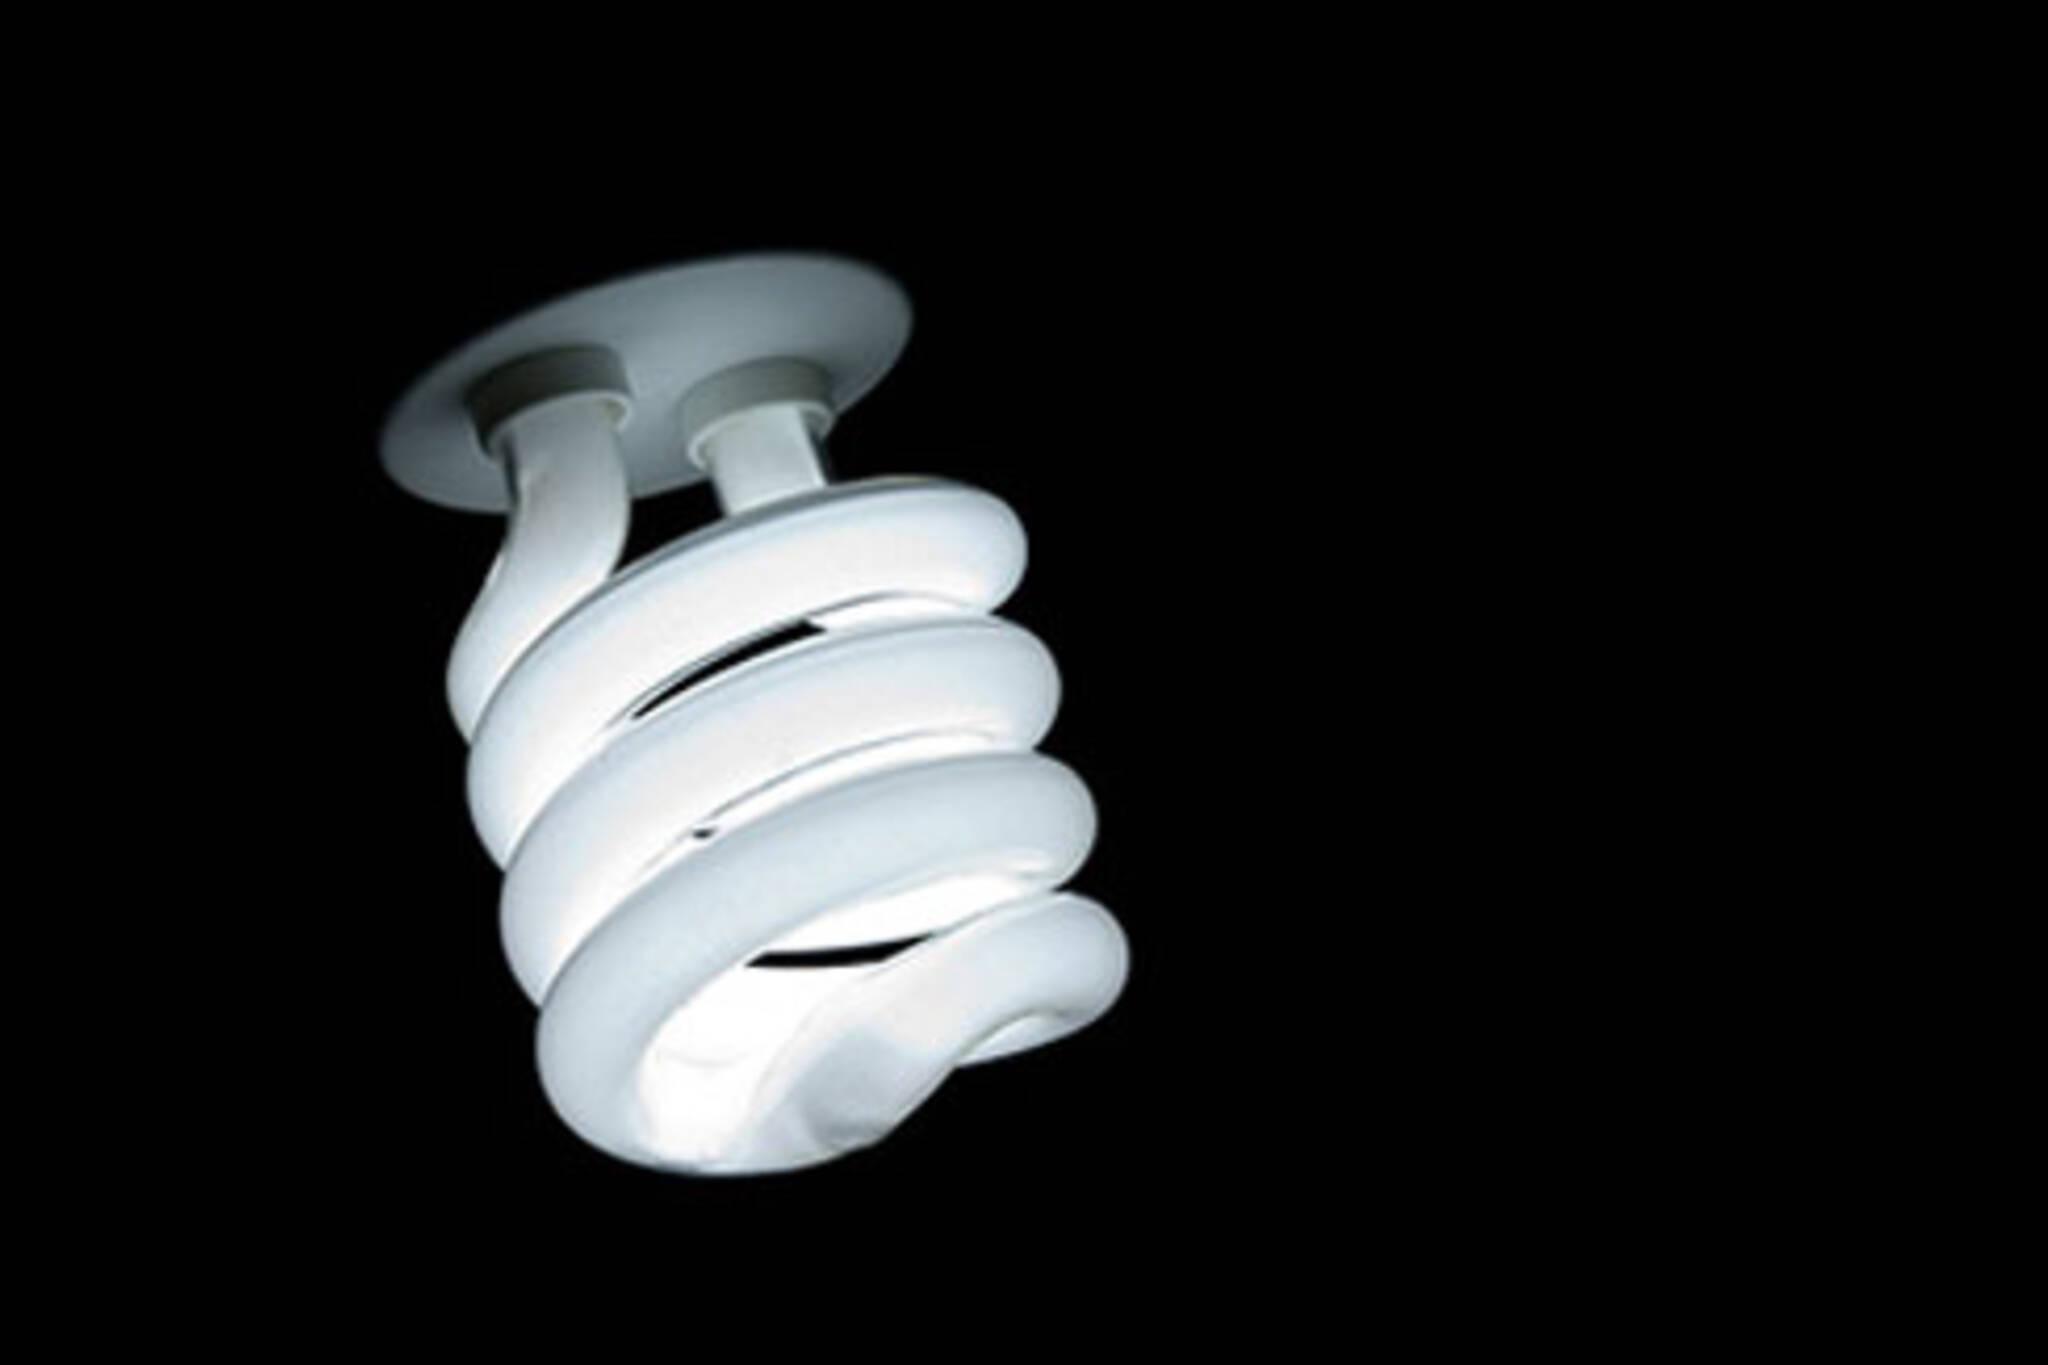 20070621_efficientlightbulb.jpg